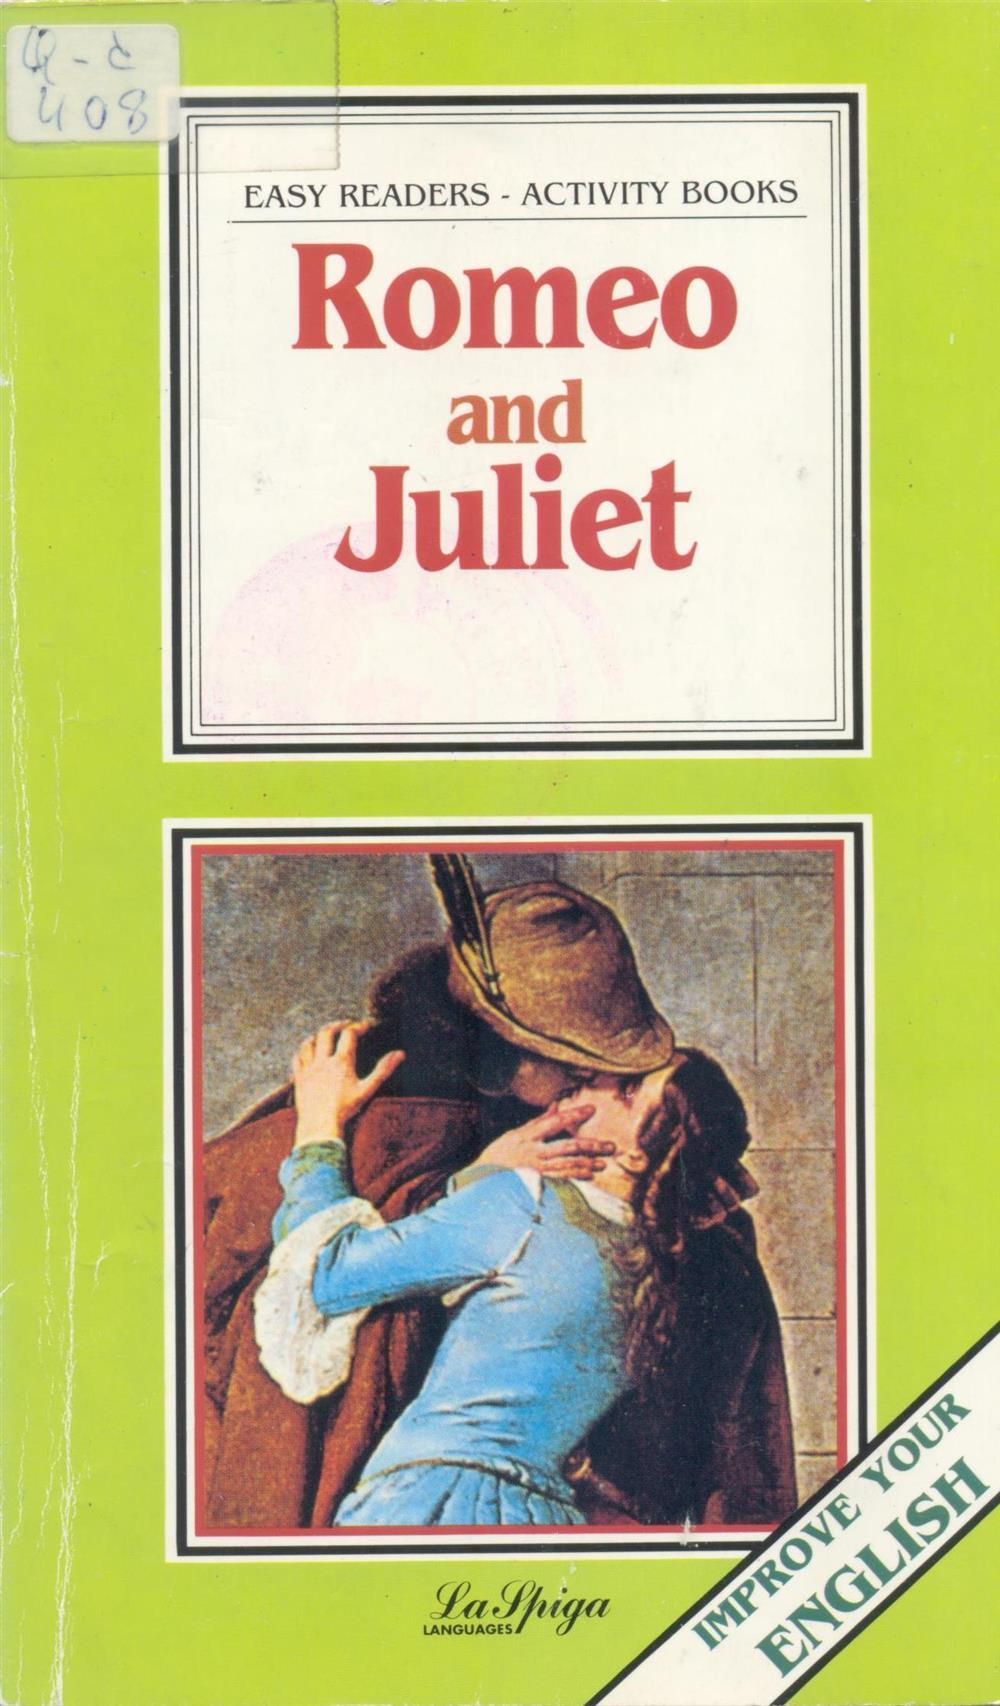 Romeo and Juliet 001.jpg